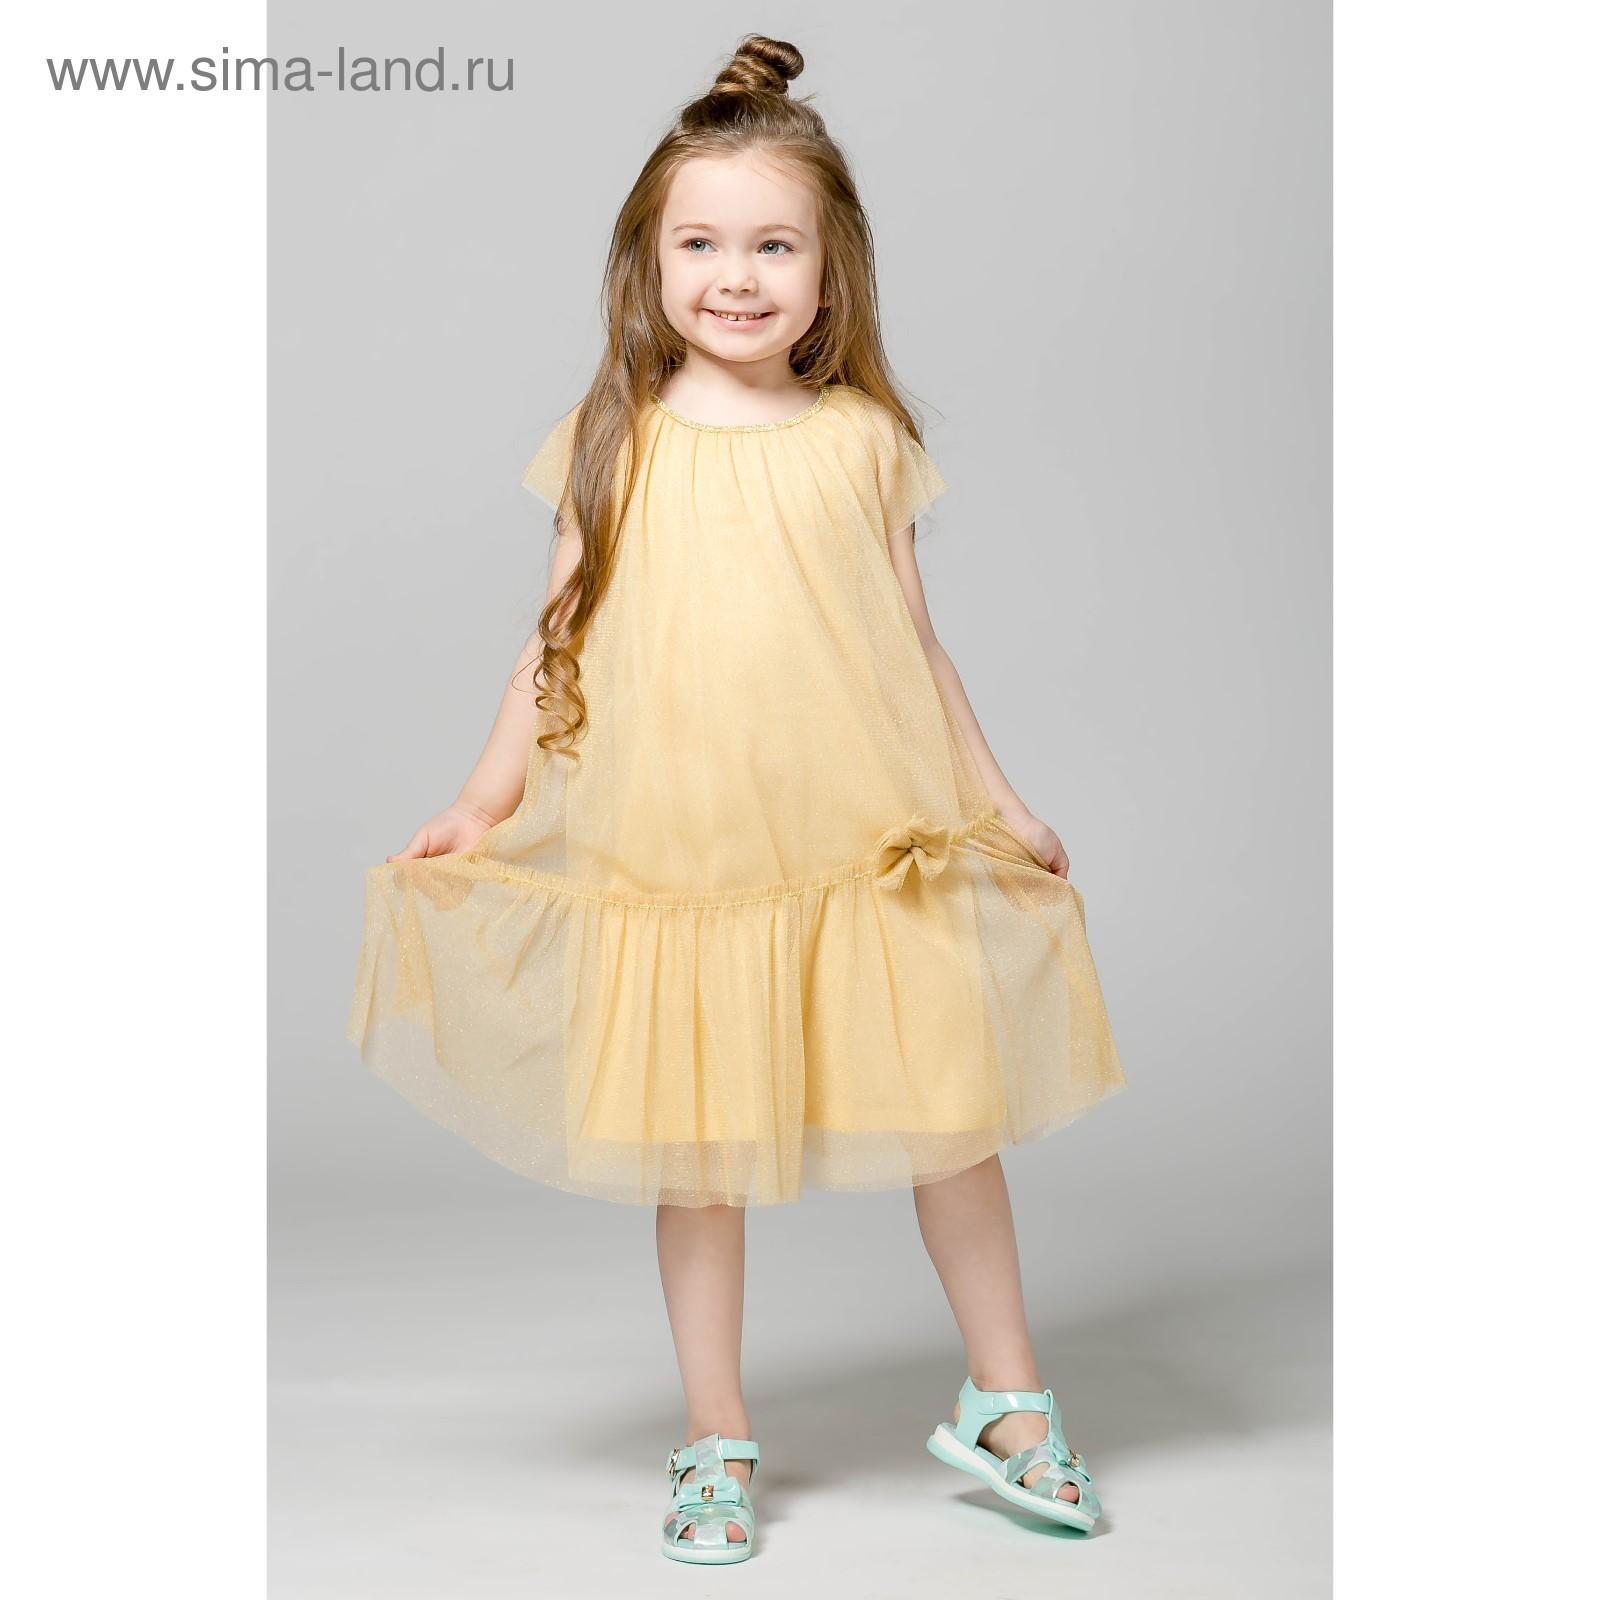 Платье для девочки 0723d7030401a